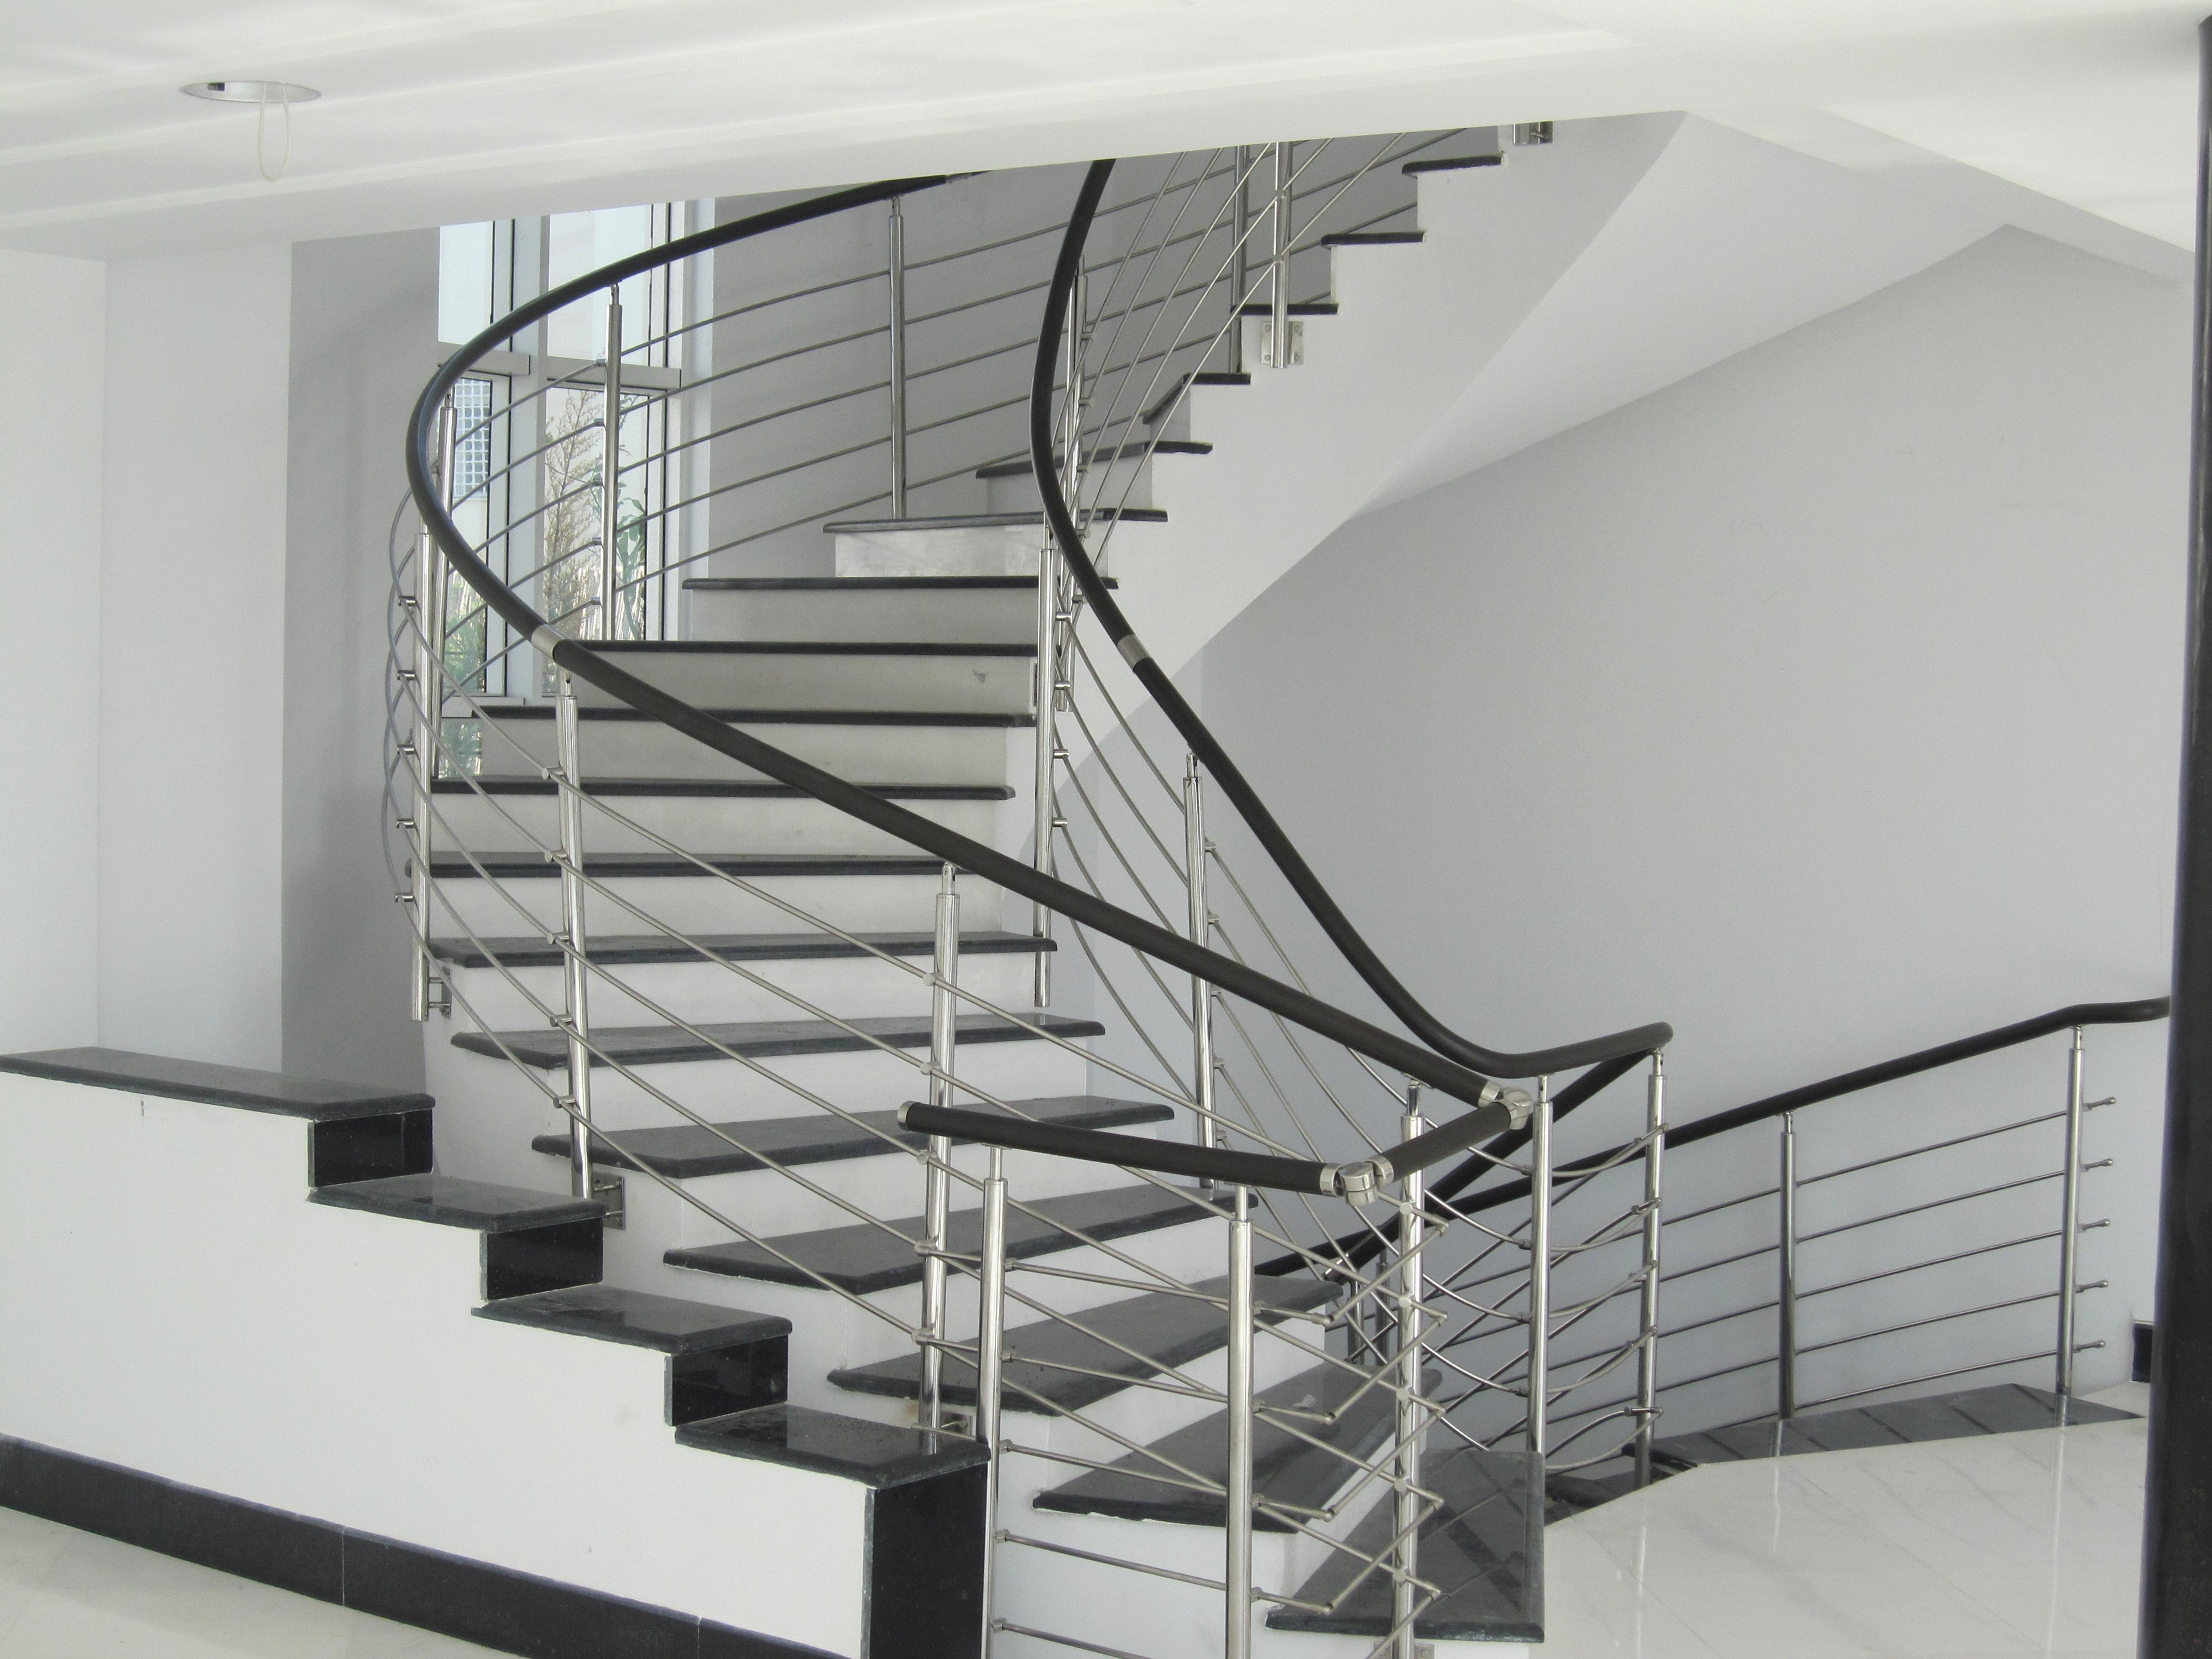 Bloc marche escalier exterieur castorama